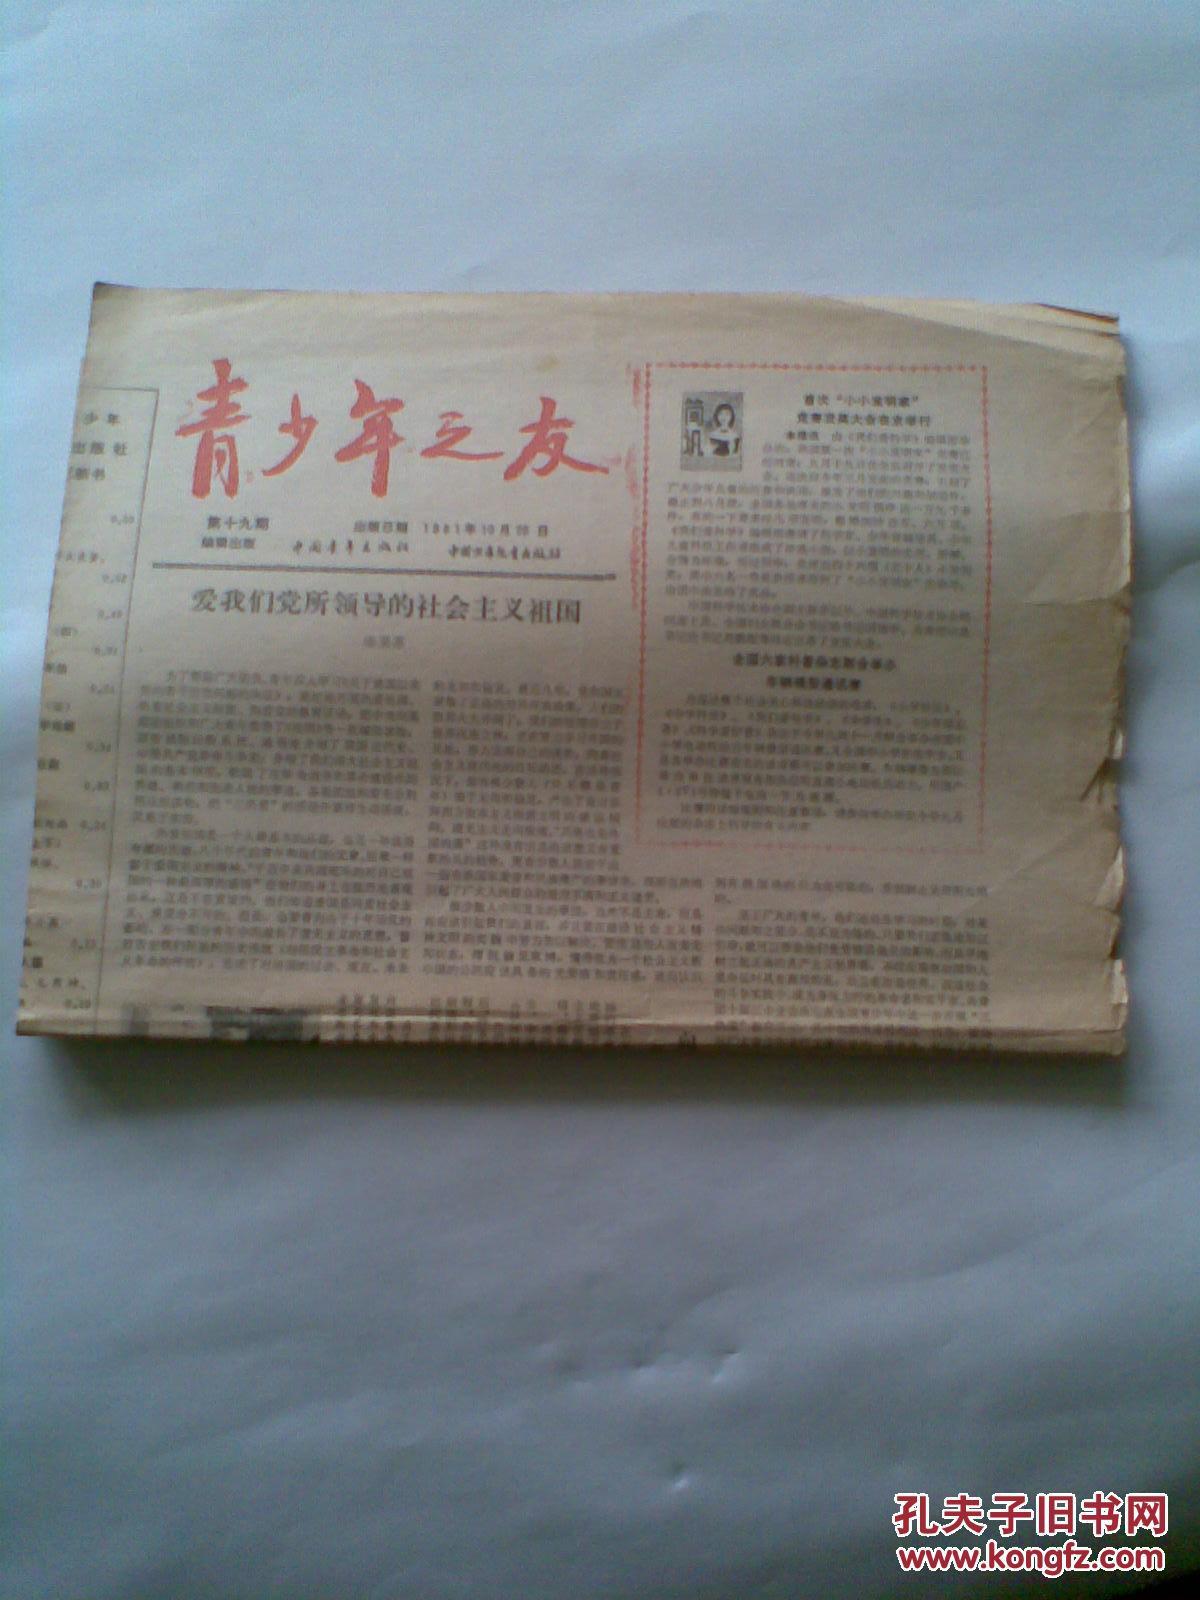 青少年之友1981年10月20日 第19期(报纸一份)